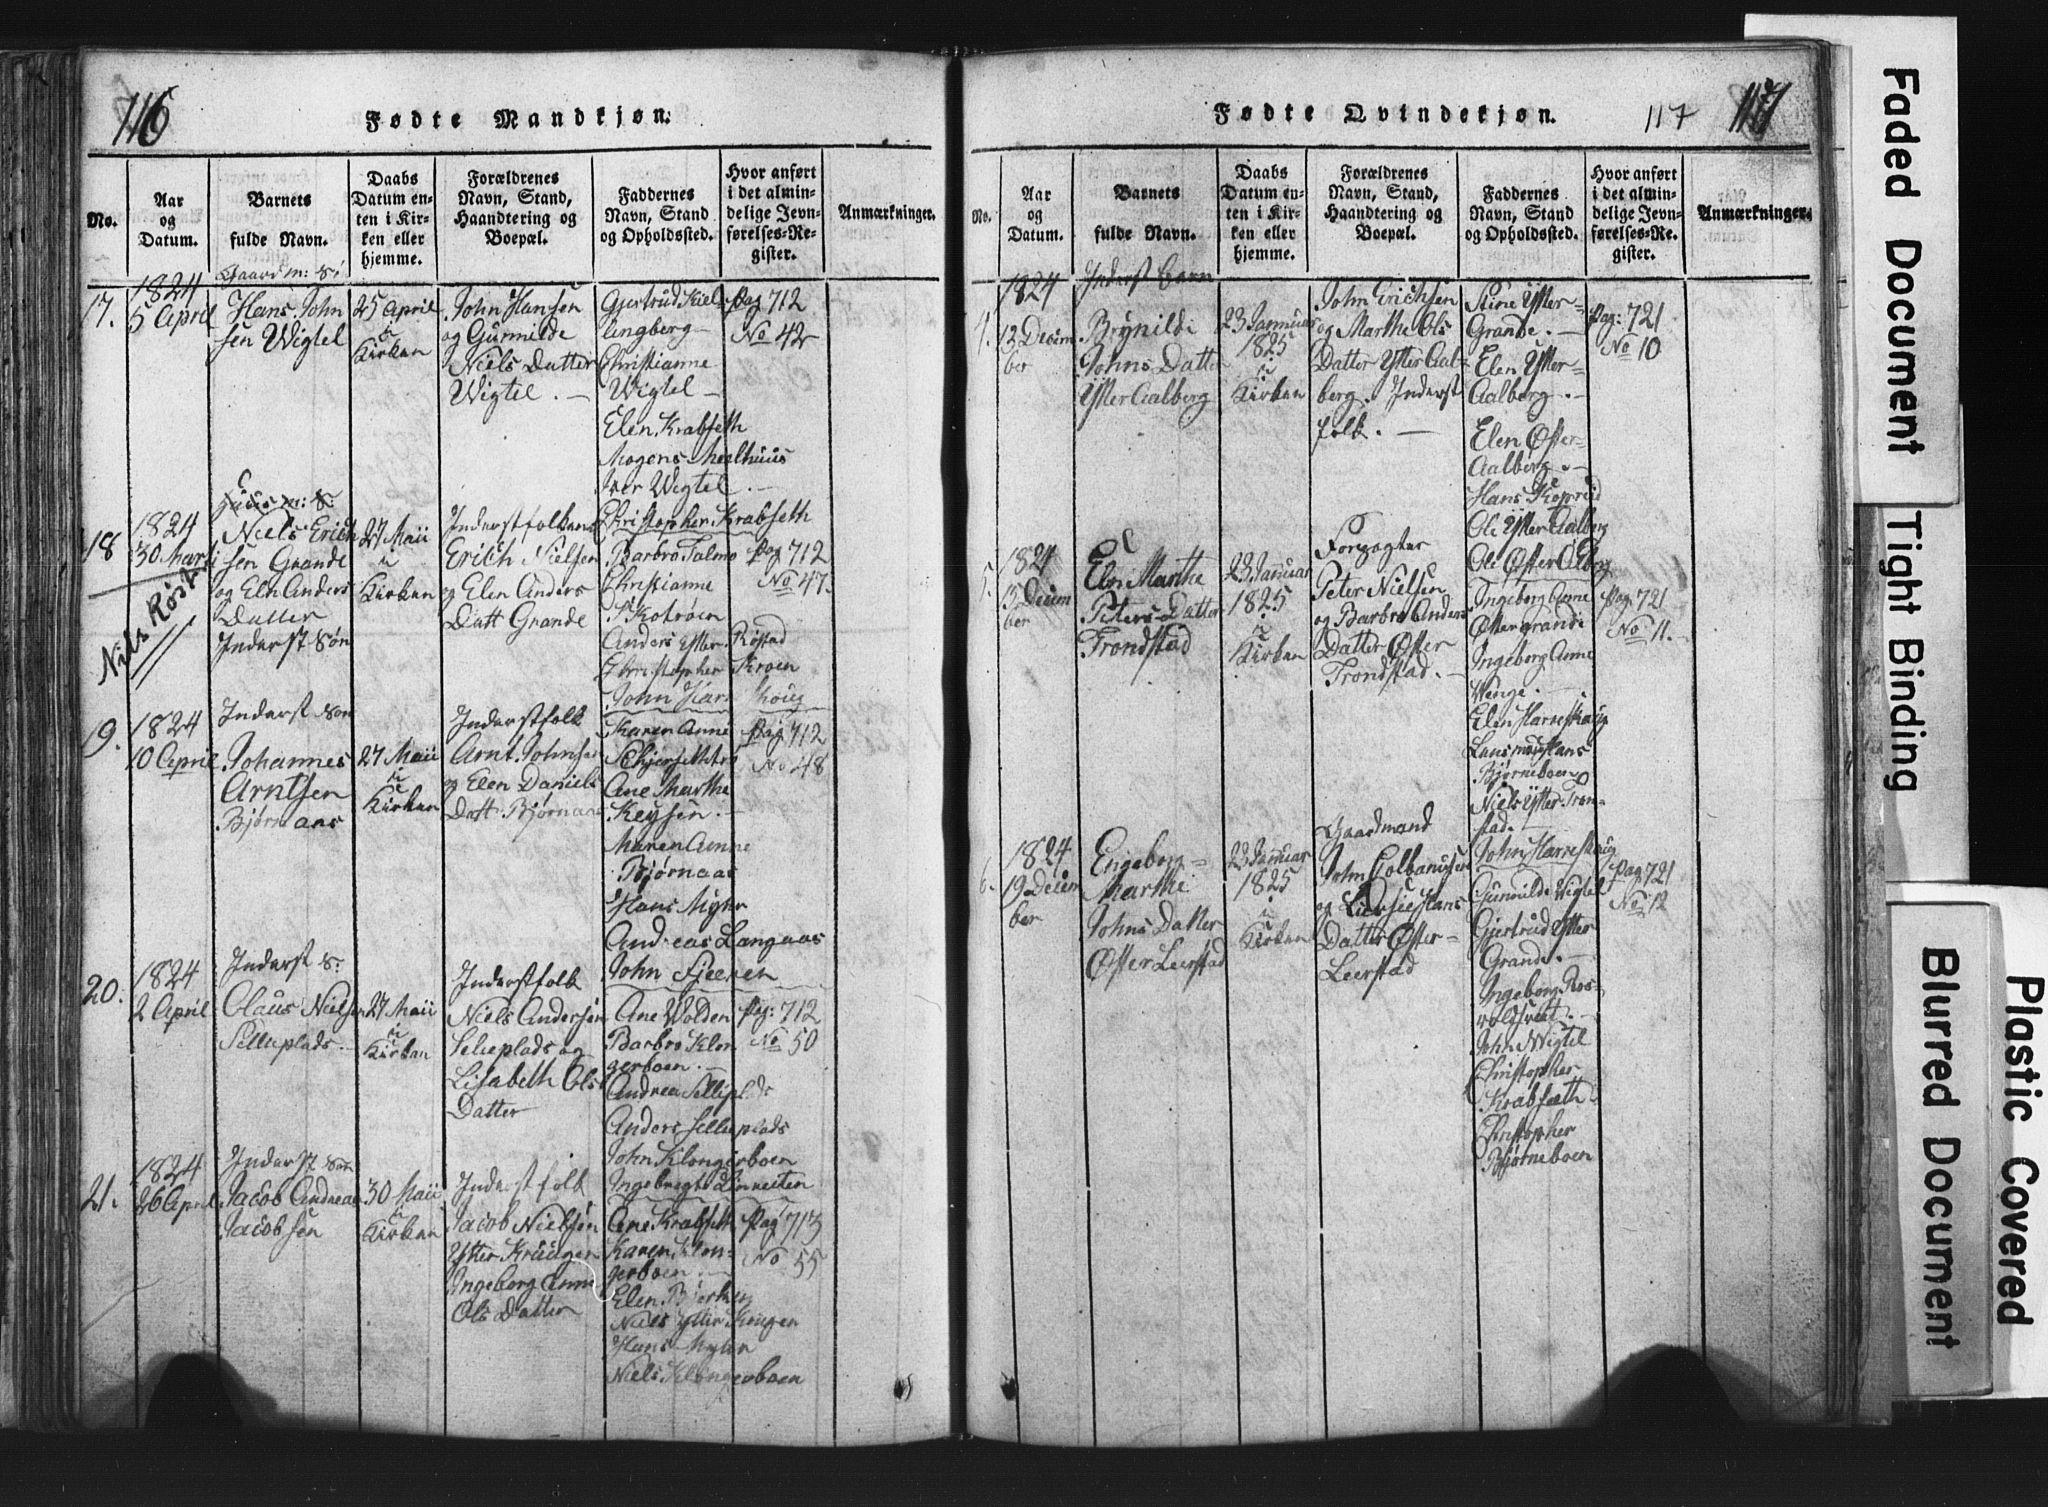 SAT, Ministerialprotokoller, klokkerbøker og fødselsregistre - Nord-Trøndelag, 701/L0017: Klokkerbok nr. 701C01, 1817-1825, s. 116-117